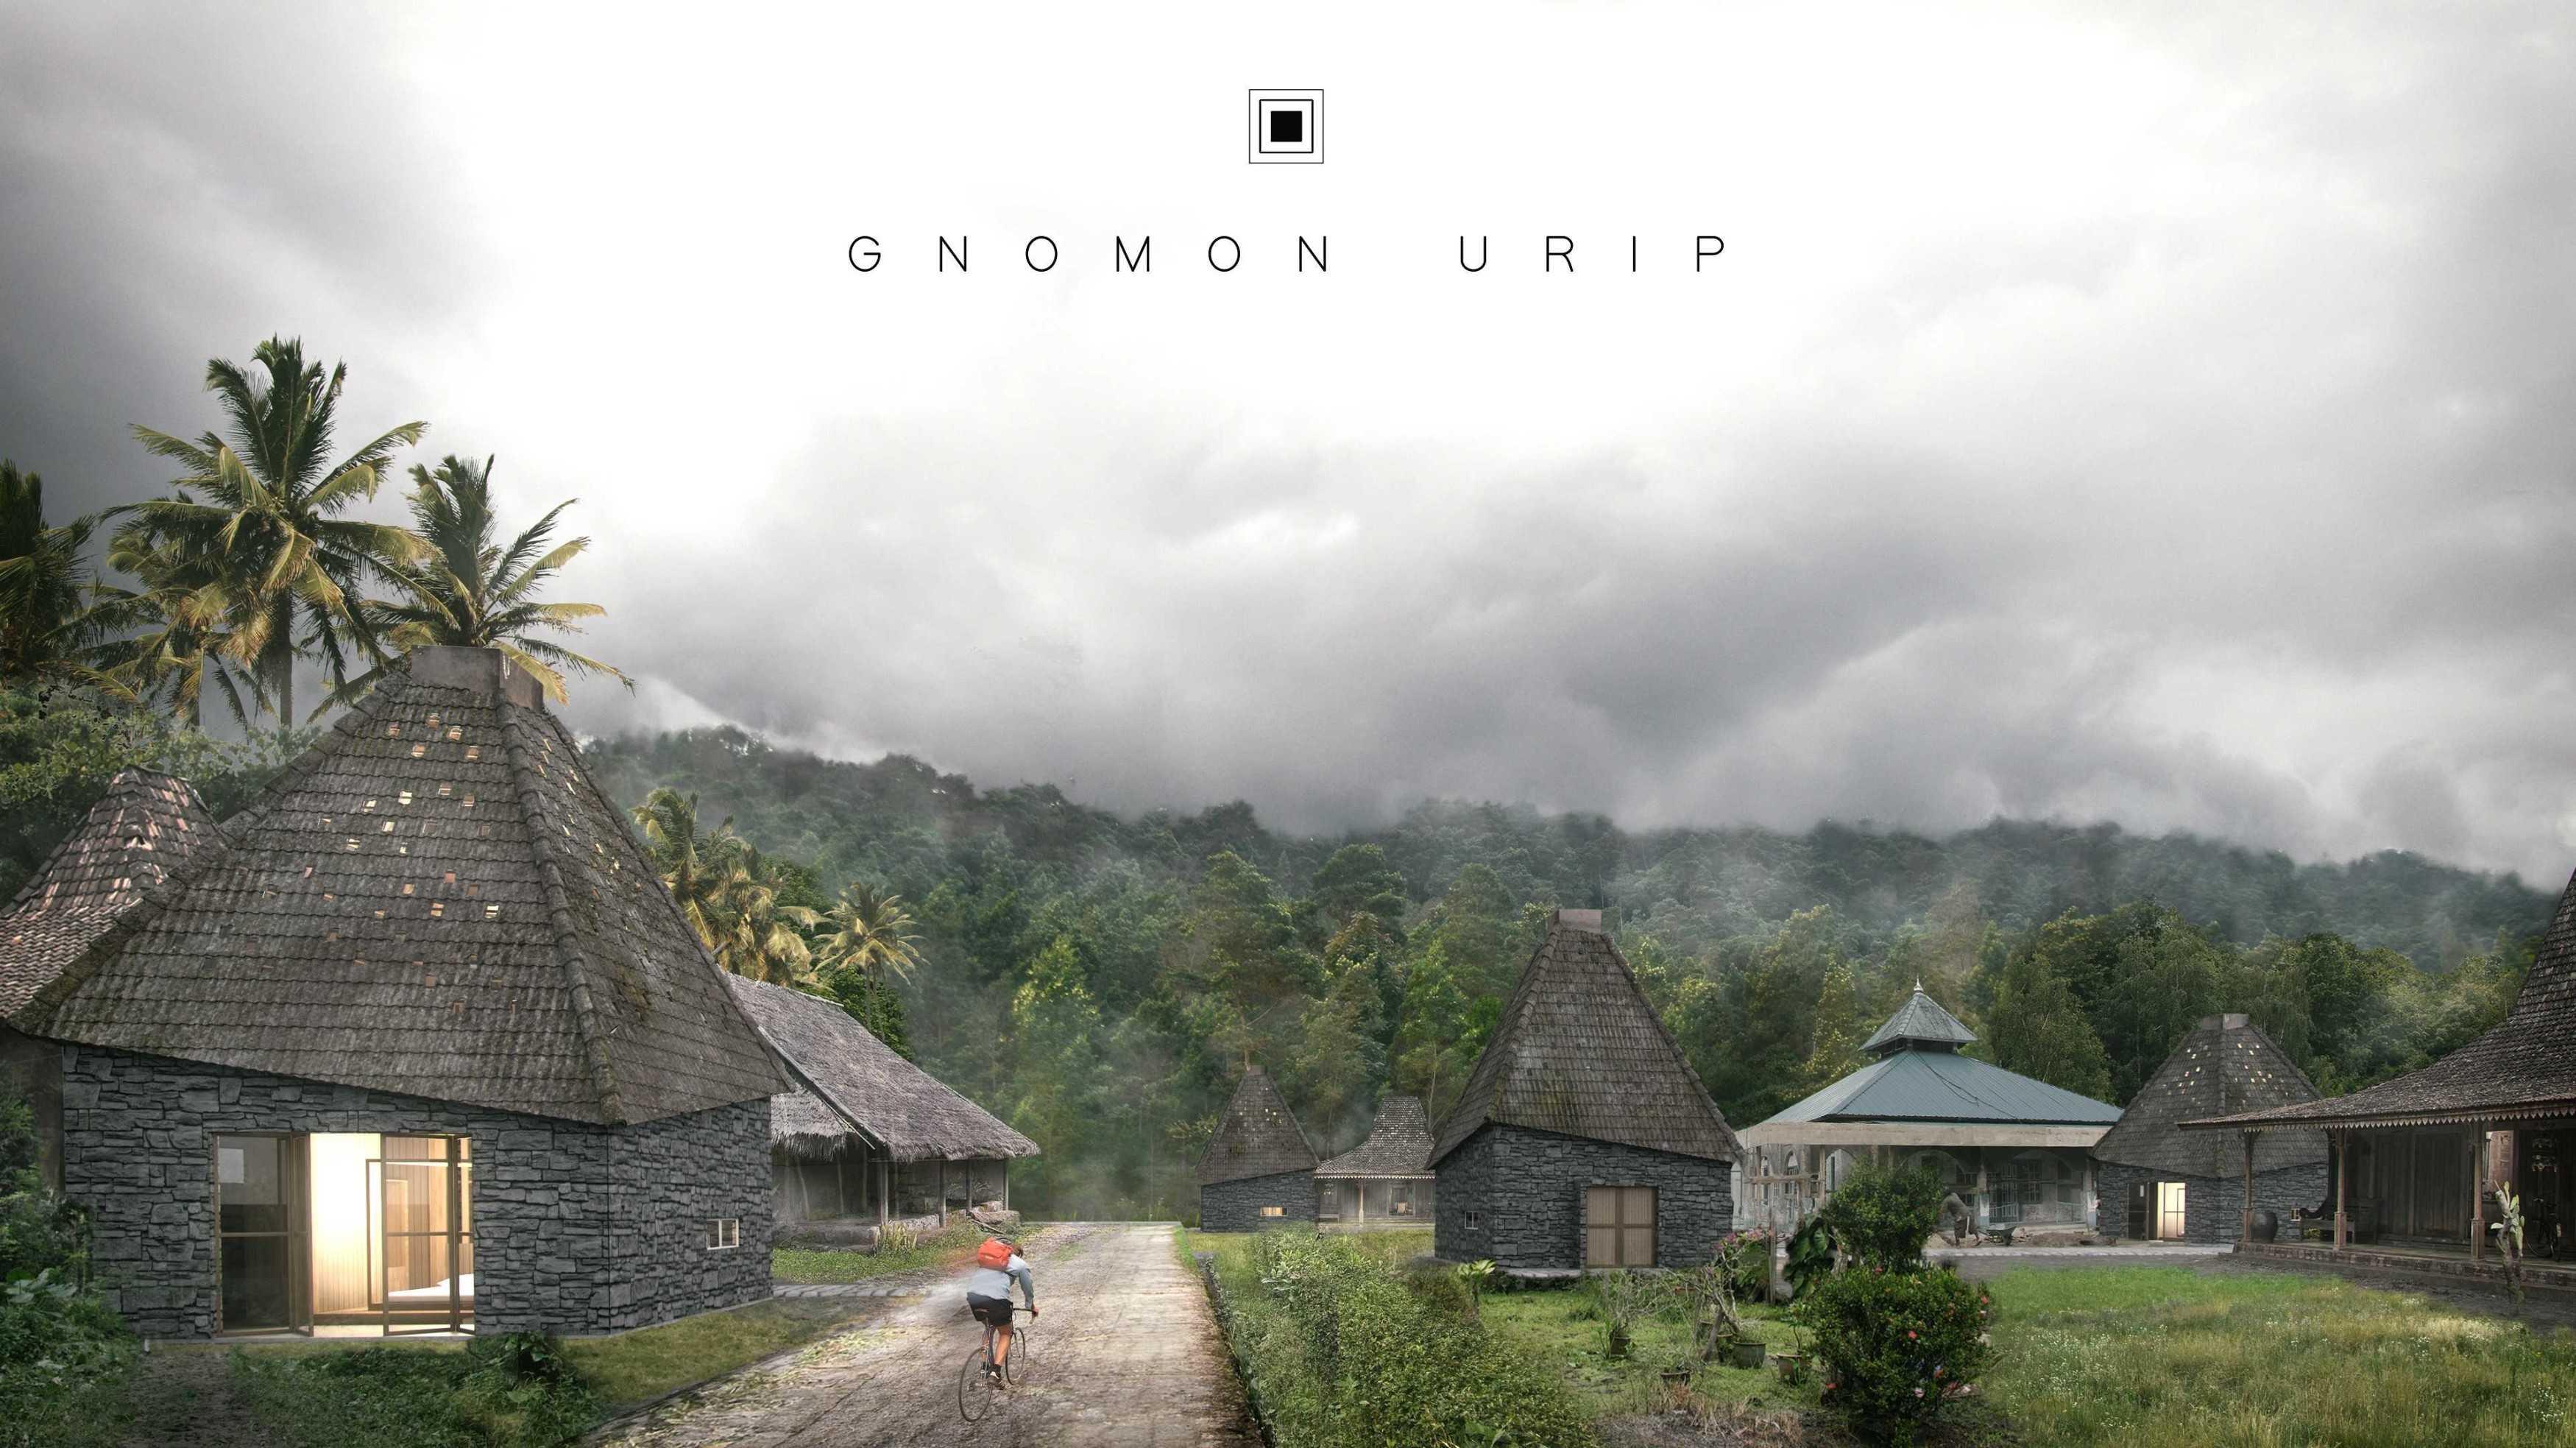 Birka Loci Gnomon Urip Borobudur, Magelang, Central Java, Indonesia Borobudur, Magelang, Central Java, Indonesia Borobudur-1   31963